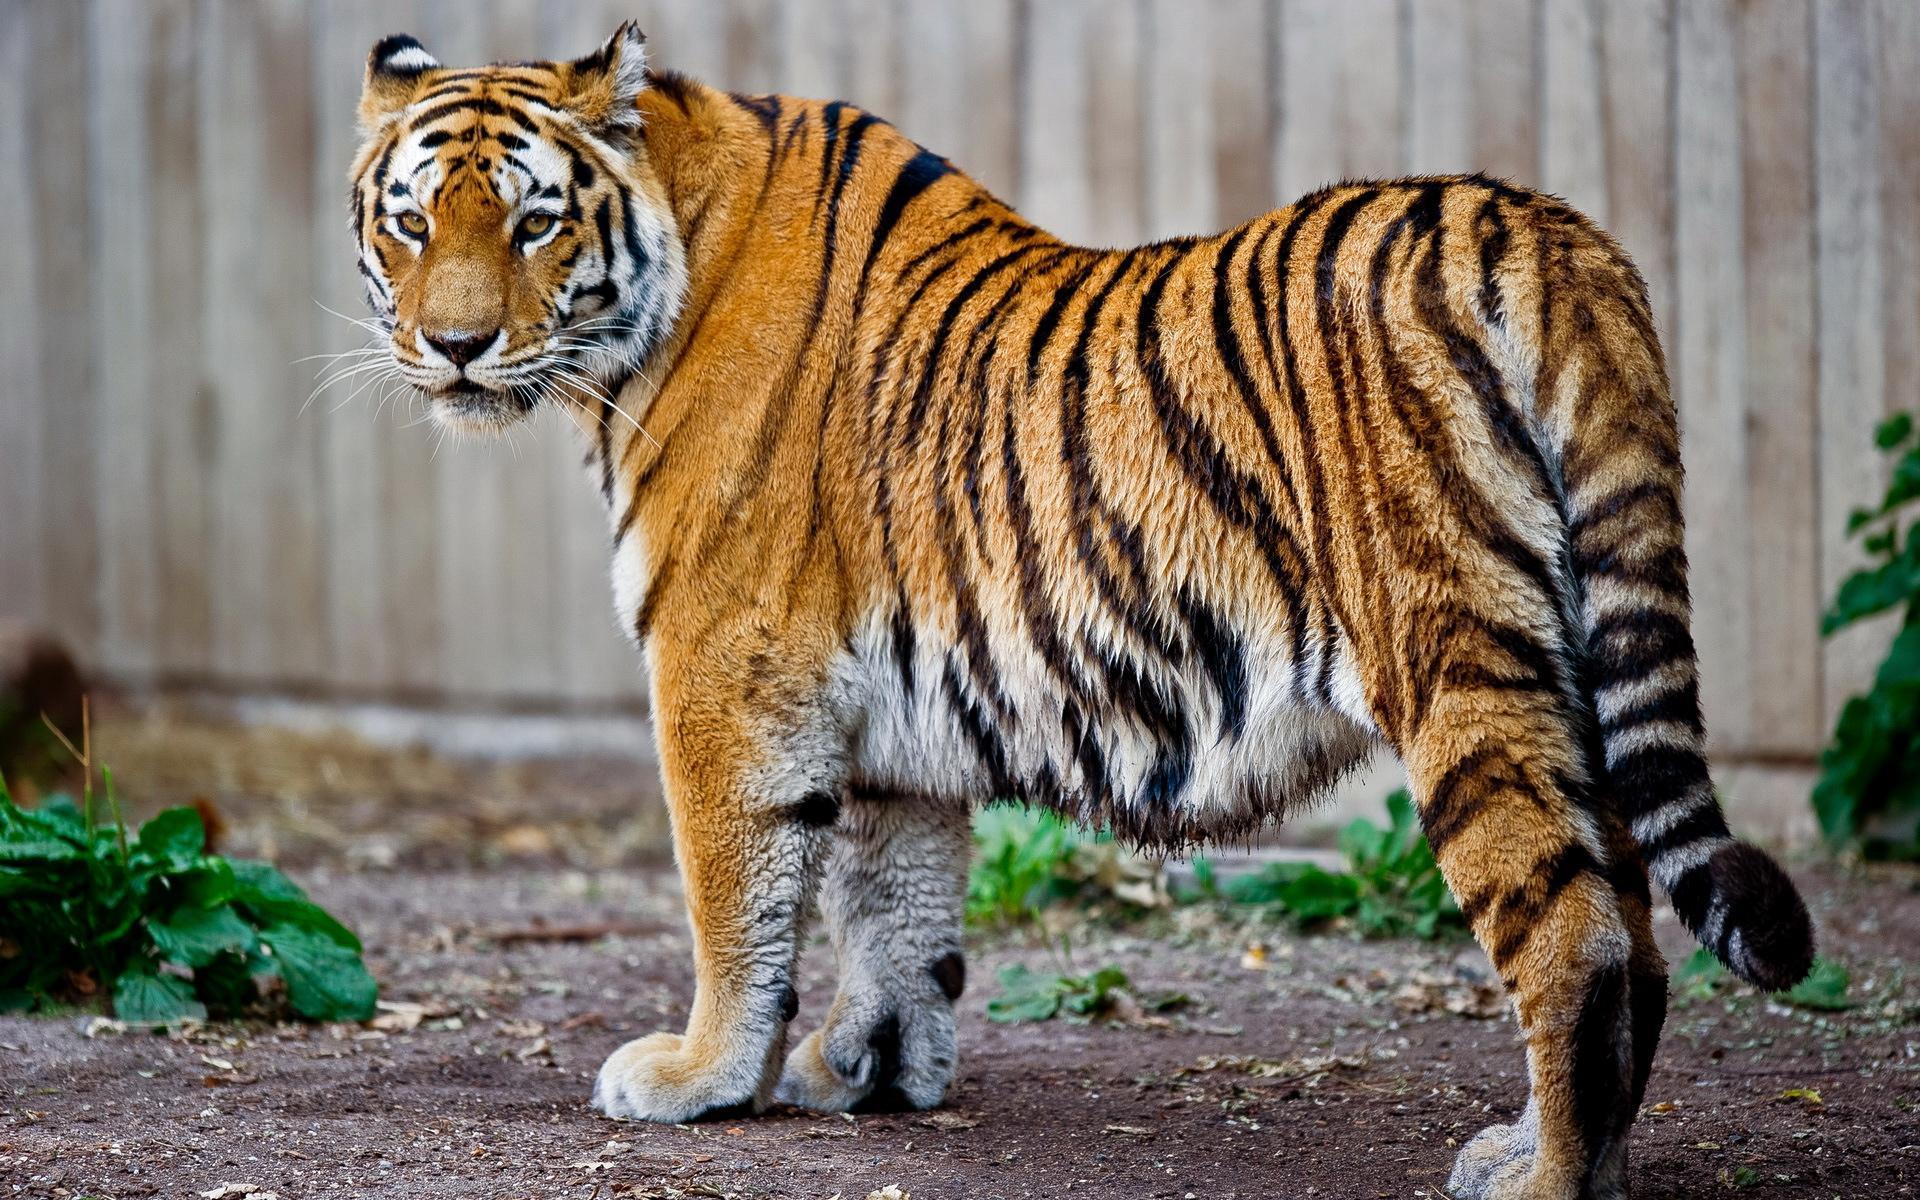 现在在我们面前的是孟加拉虎,主要产于印度、孟加拉、尼泊尔、缅甸、巴基斯坦及中国的西藏和云南。目前是世界上数量最多的一种虎,野生有3250—4700只左右。它的体形介于东北虎和华南虎之间。样子与其它虎基本相同,身上有黄黑相间的条纹。 孟加拉虎只要有隐身处、充足的水和食物,任何气候条件下都能生存。它在夜晚或黄昏时单独狩猎,但常常只有十分之一到二十分之一的成功机会。一旦猎物被杀死,尸体就会被其拖入浓密的林中,然后独自享用。为了生存,每八天必须进行一次捕杀活动。 孟加拉虎有高度的社群耐受力,最基本的社